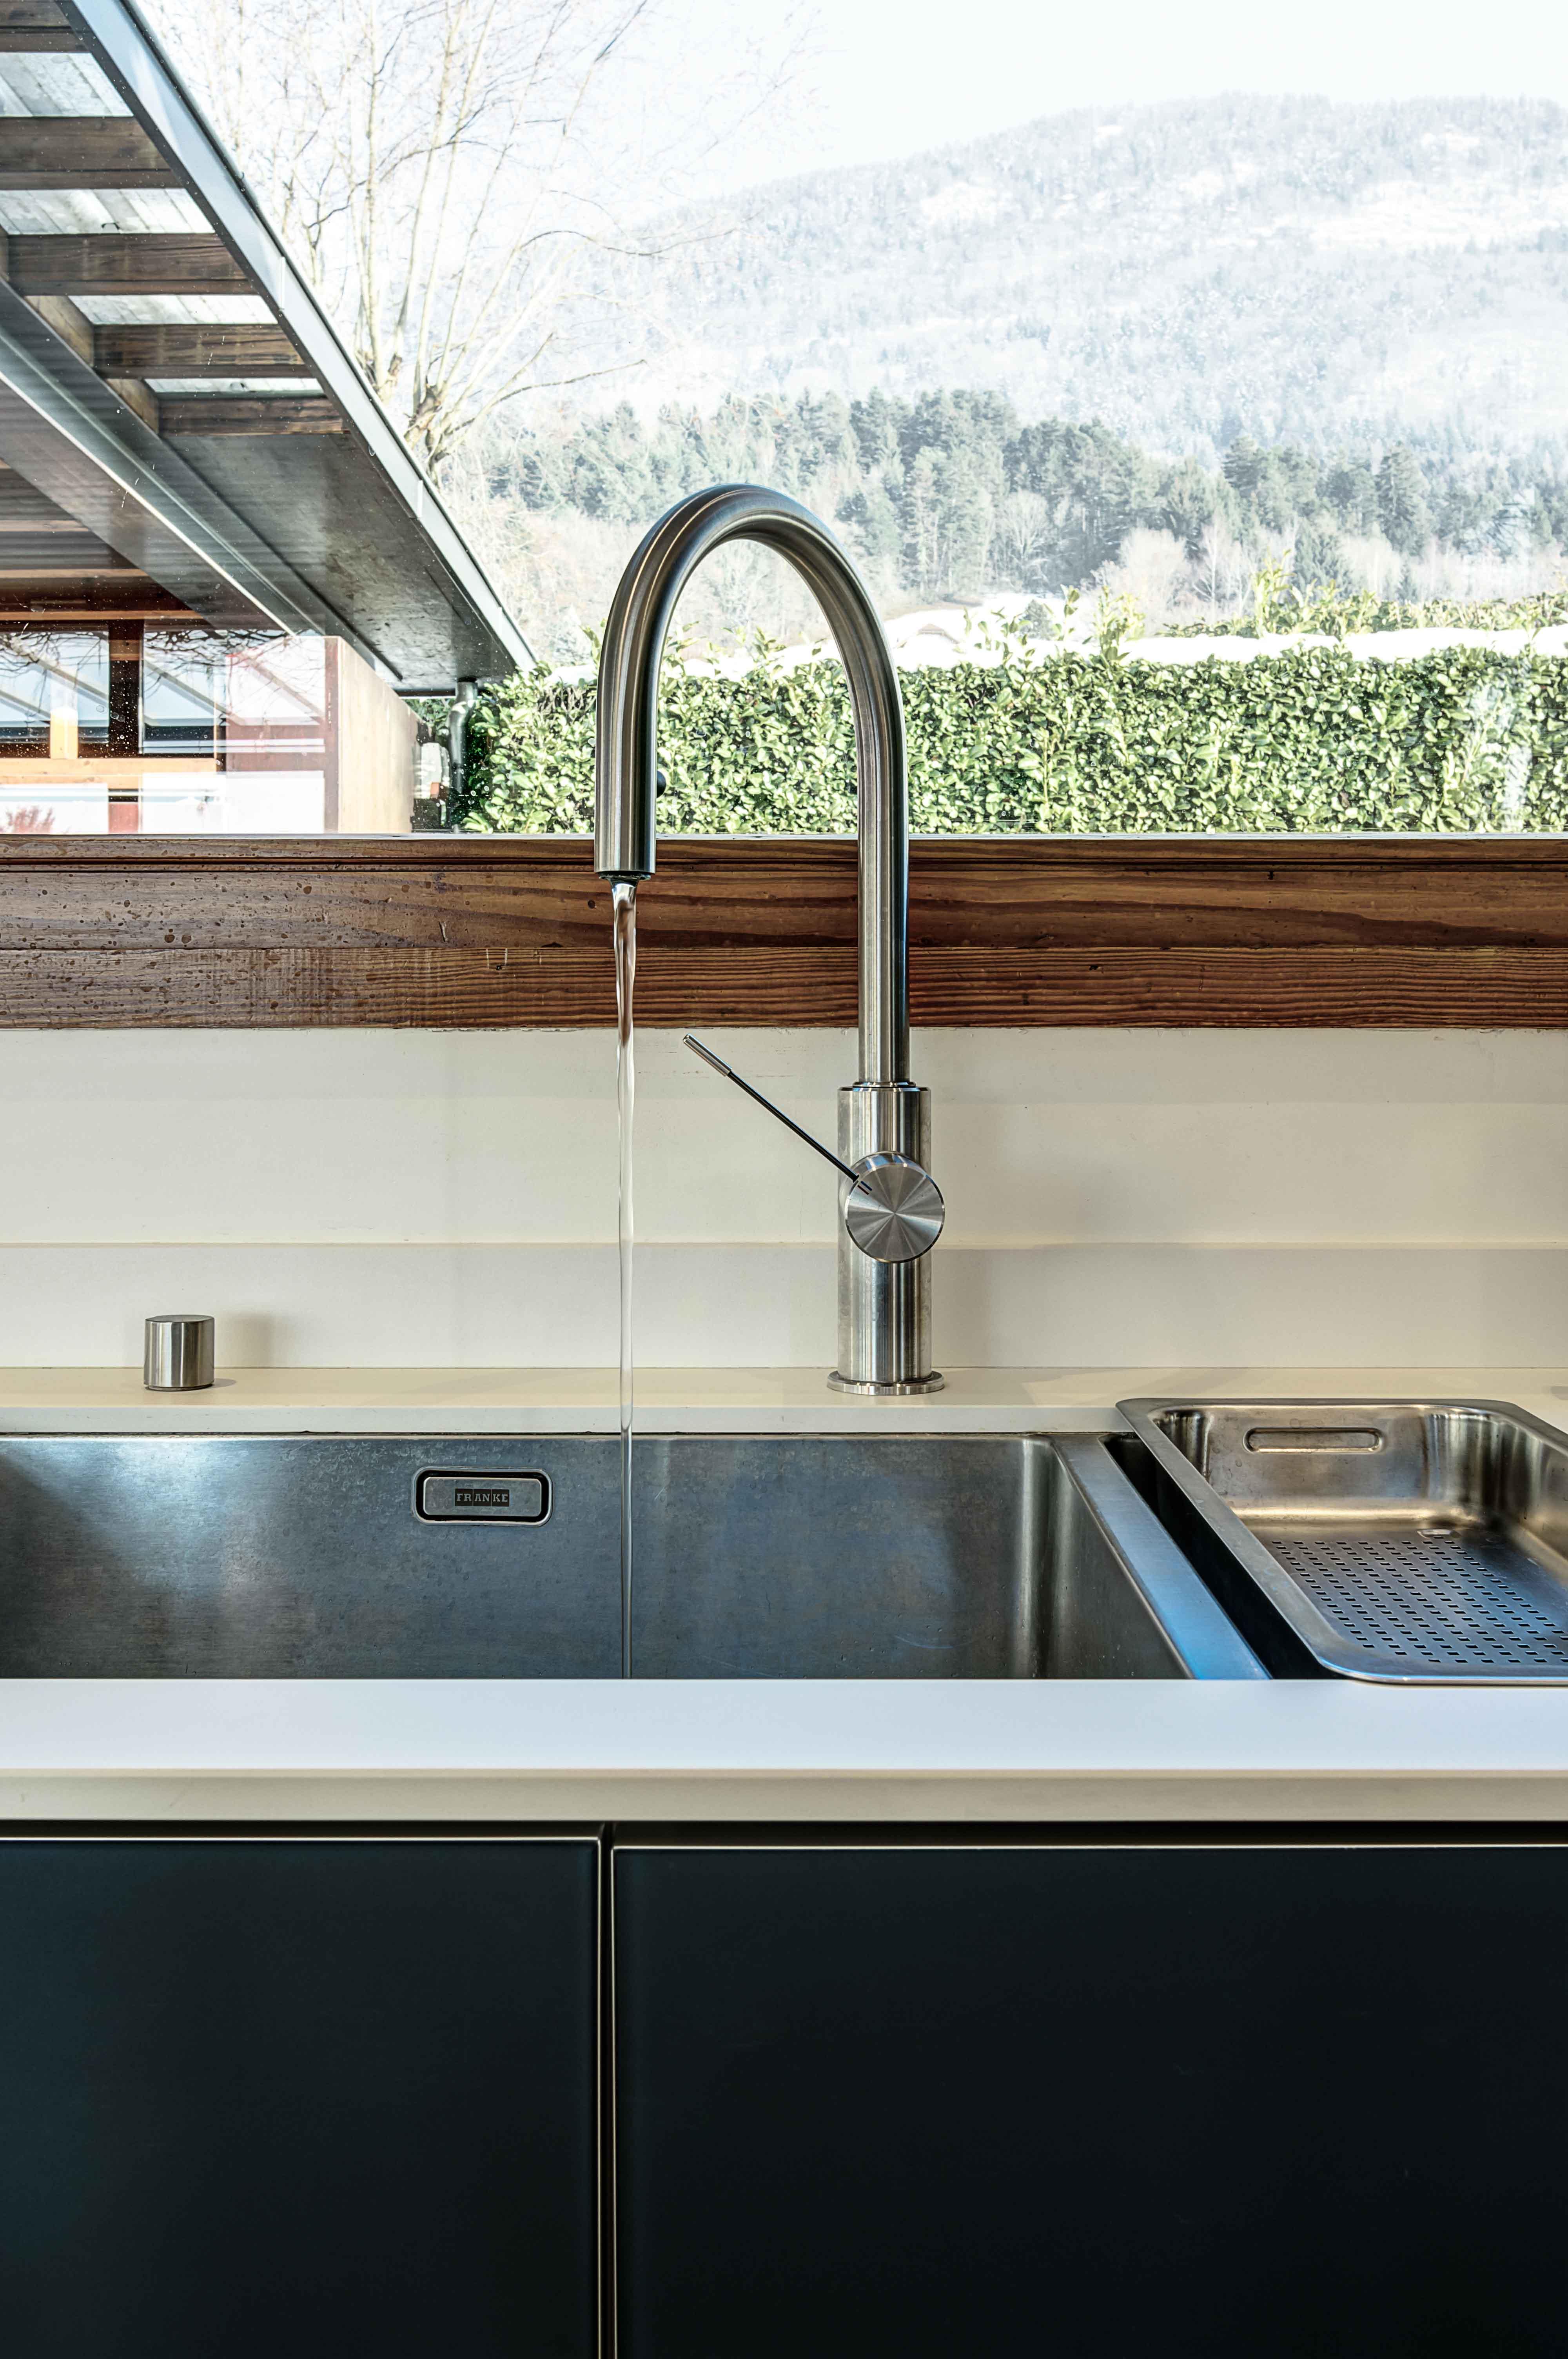 réalisations-littoz-villaz-cuisines design intérieur aménagement agencement haut de gamme